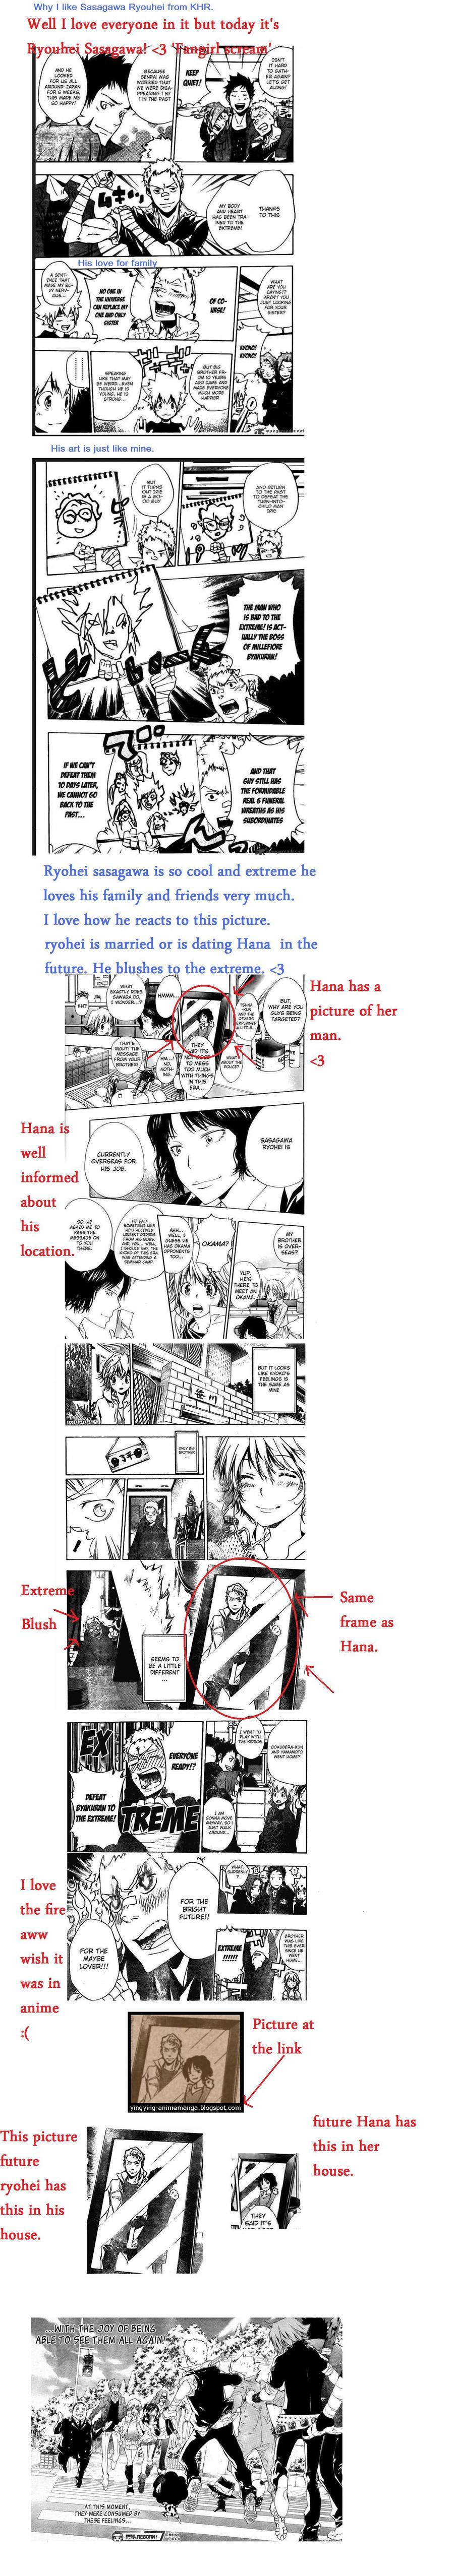 tsuna and kyoko relationship help